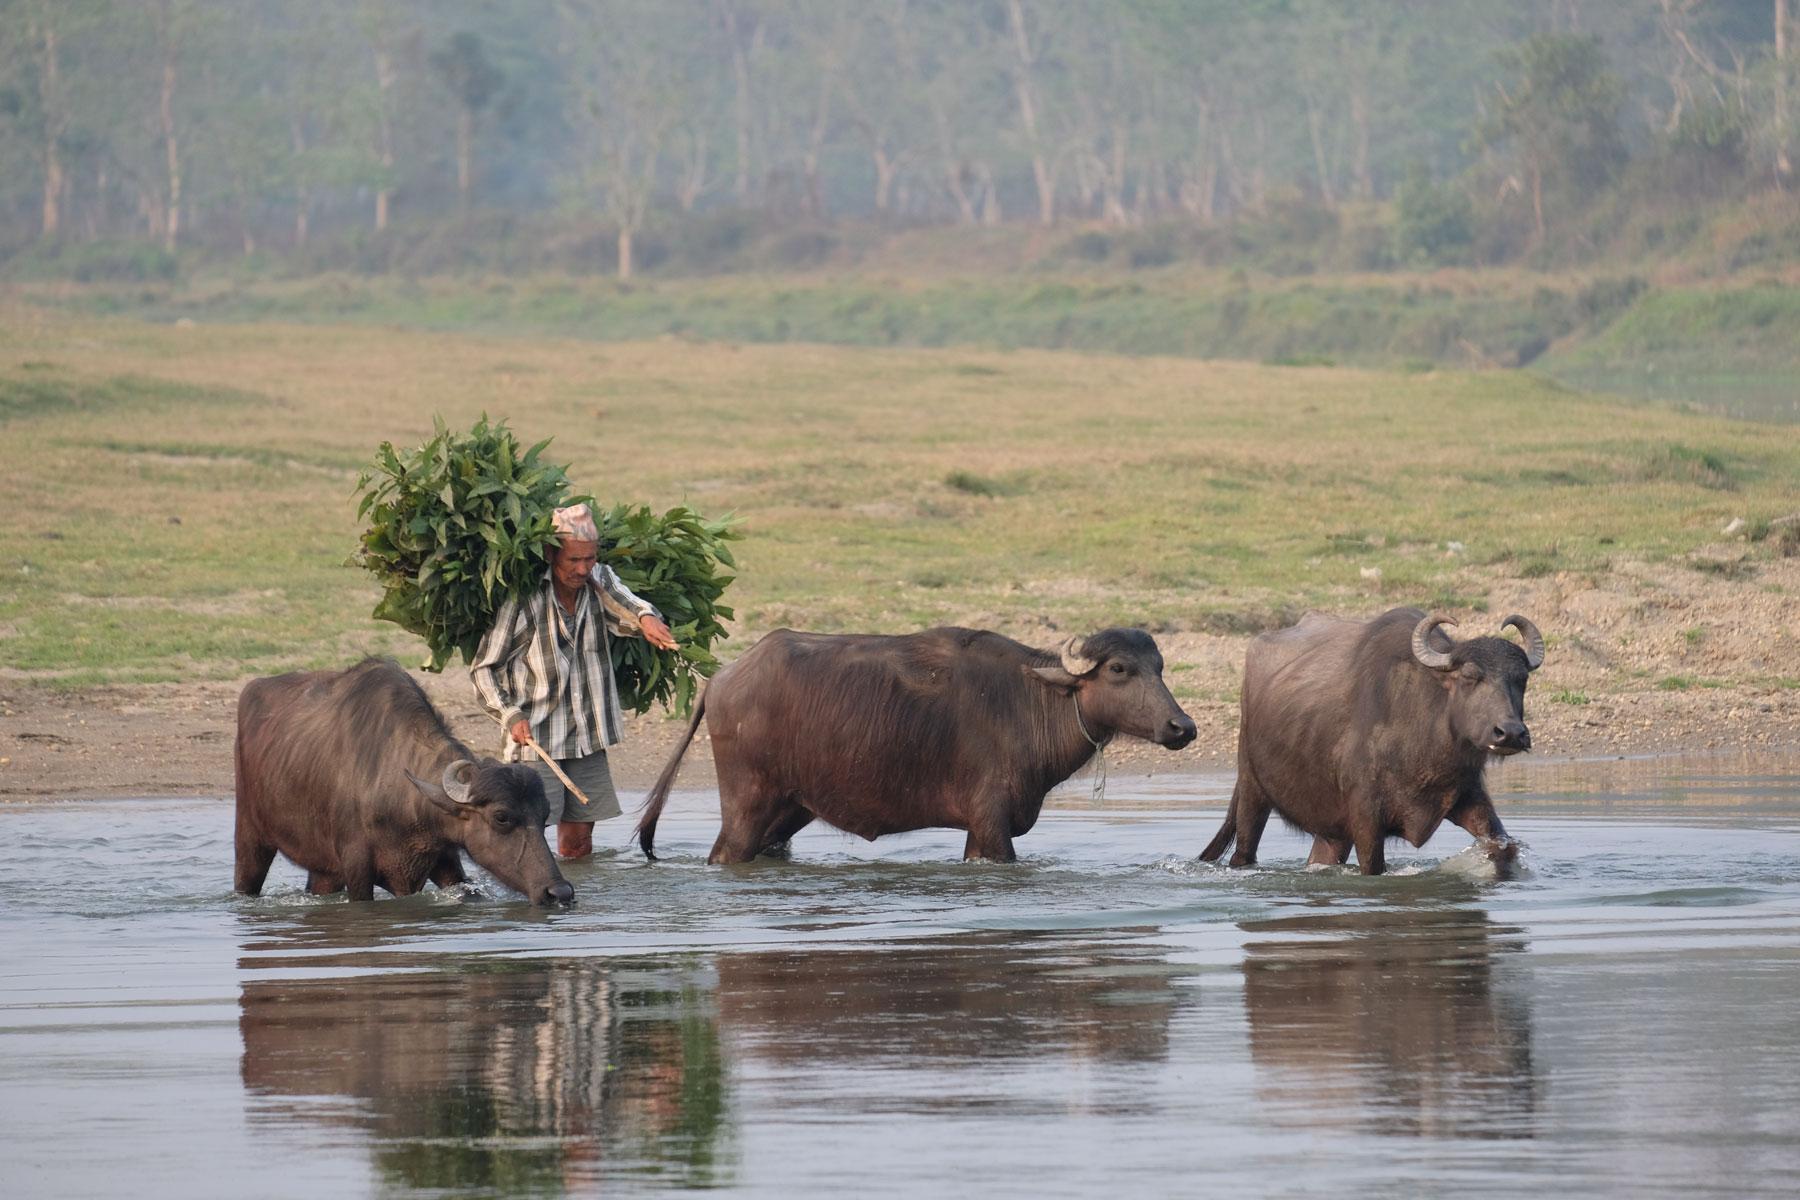 Ein nepalesischer Mann und drei Wasserbüffel waten durch einen Fluss.